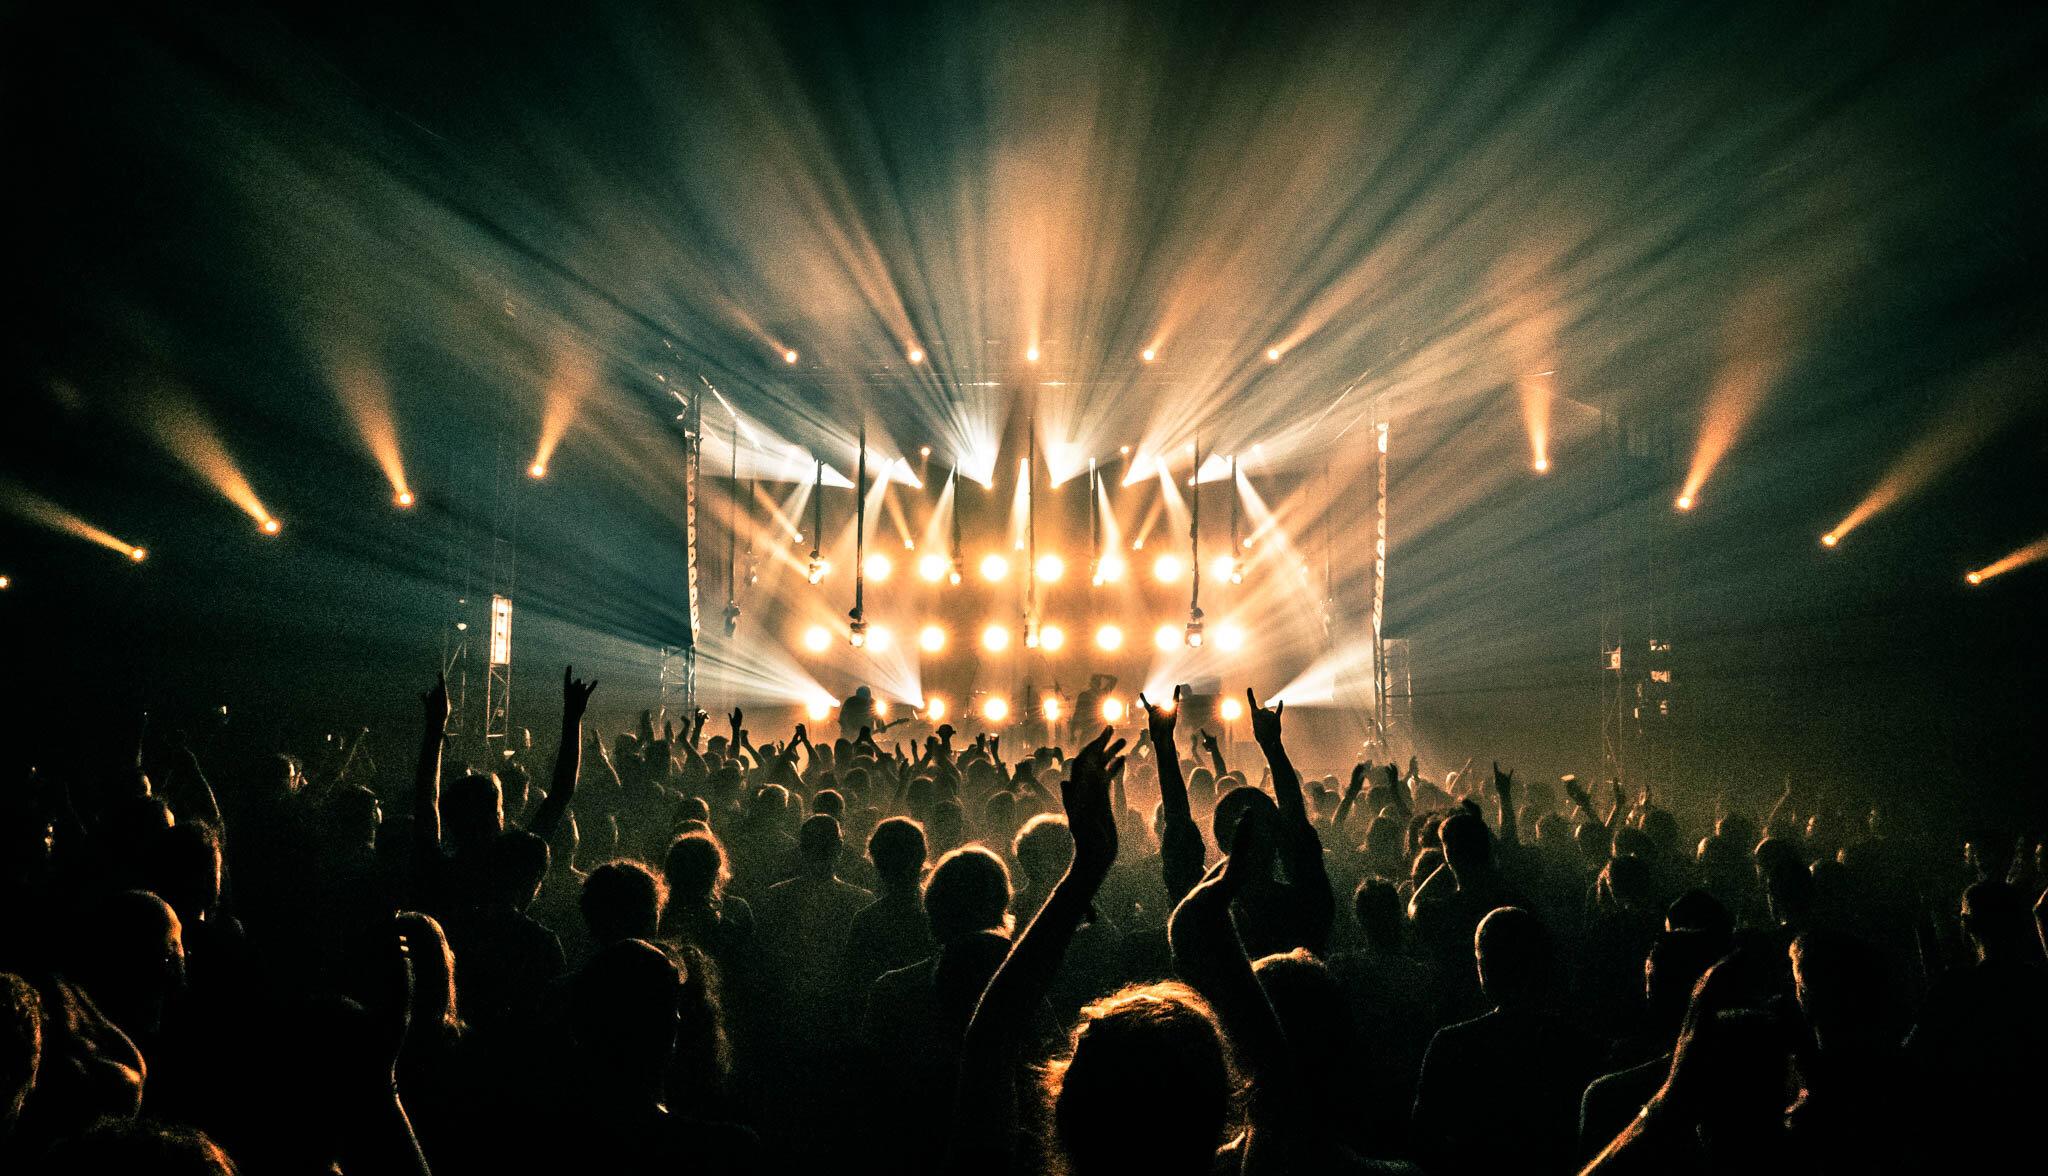 Sistemas Inestables y Osorezan inician gira europea en el marco del Dunk!Fest